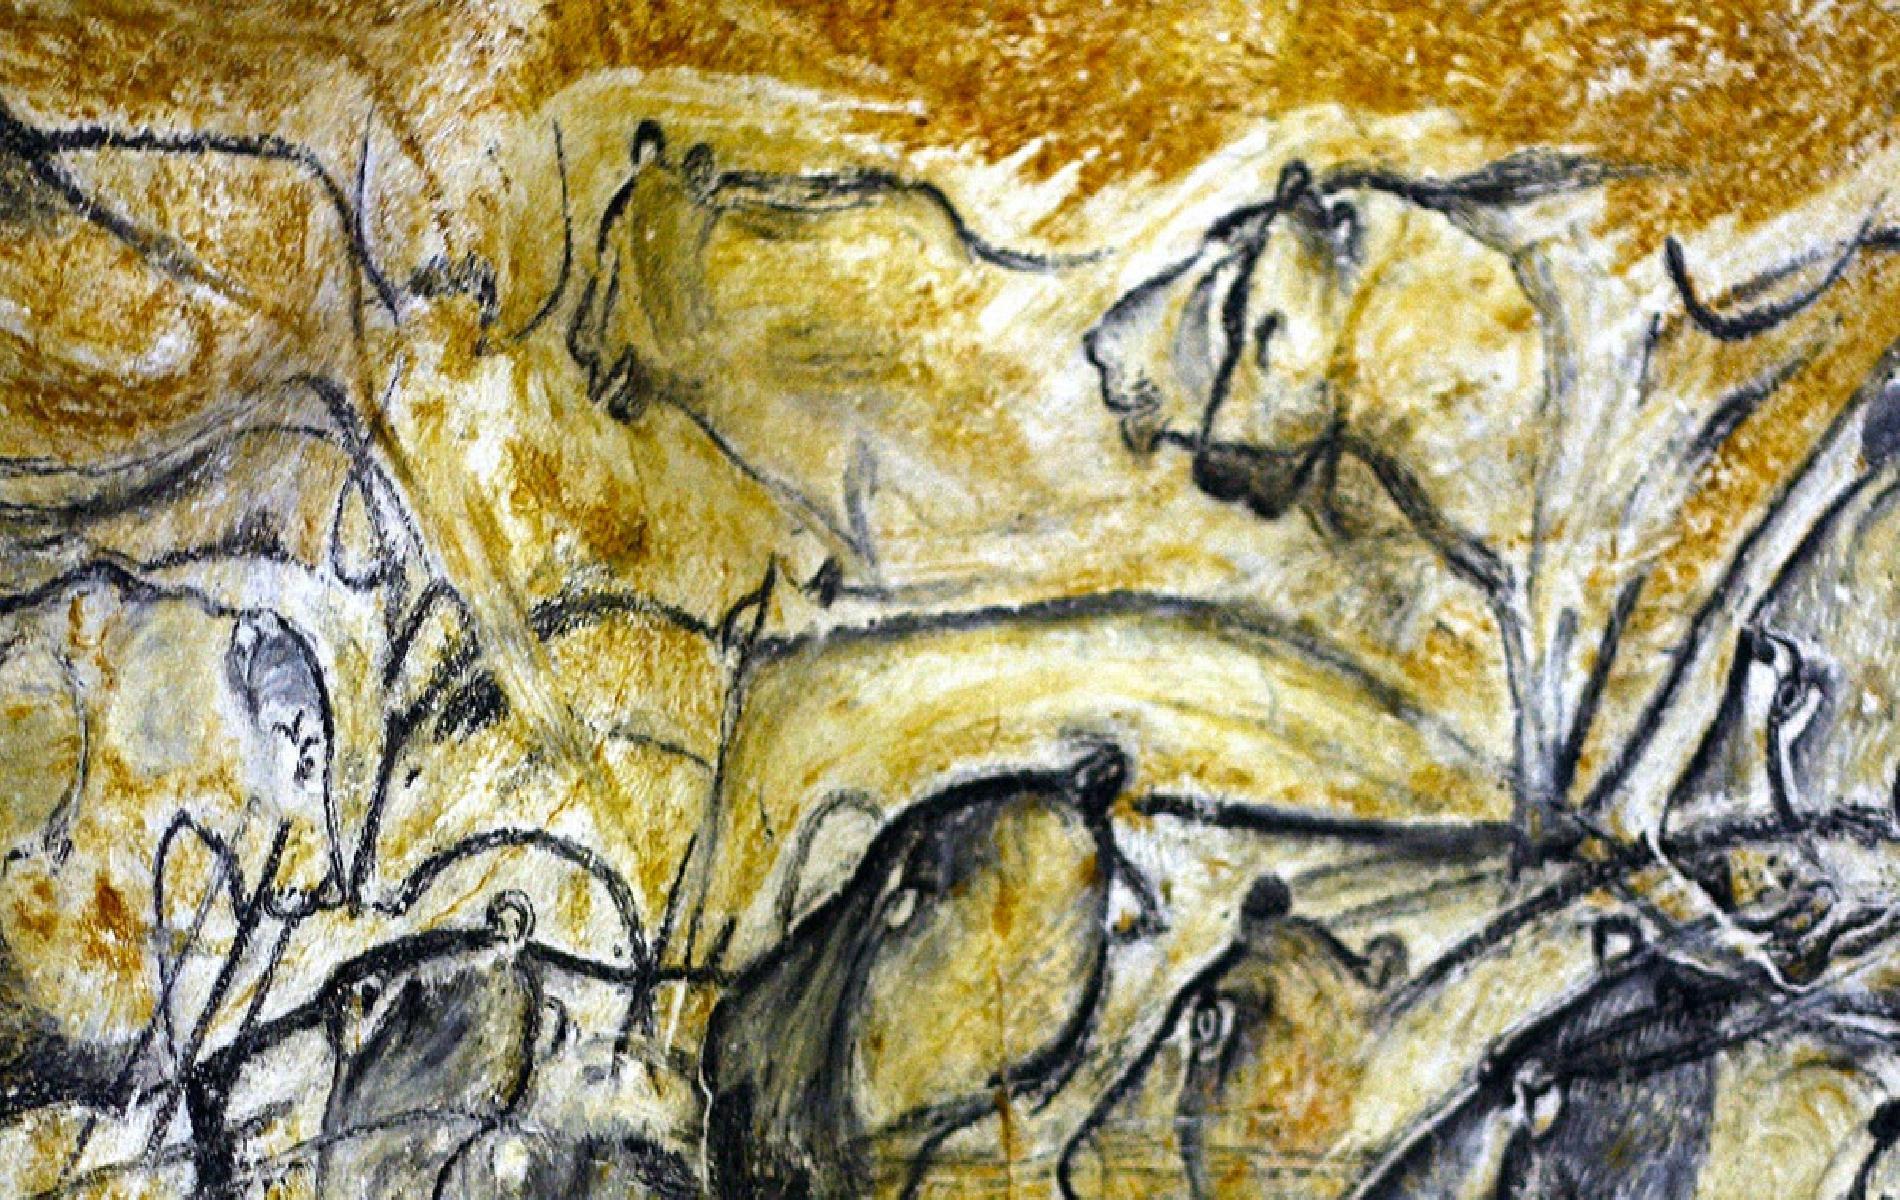 Grotte Chauvet, Caverne de Pont d'Arc